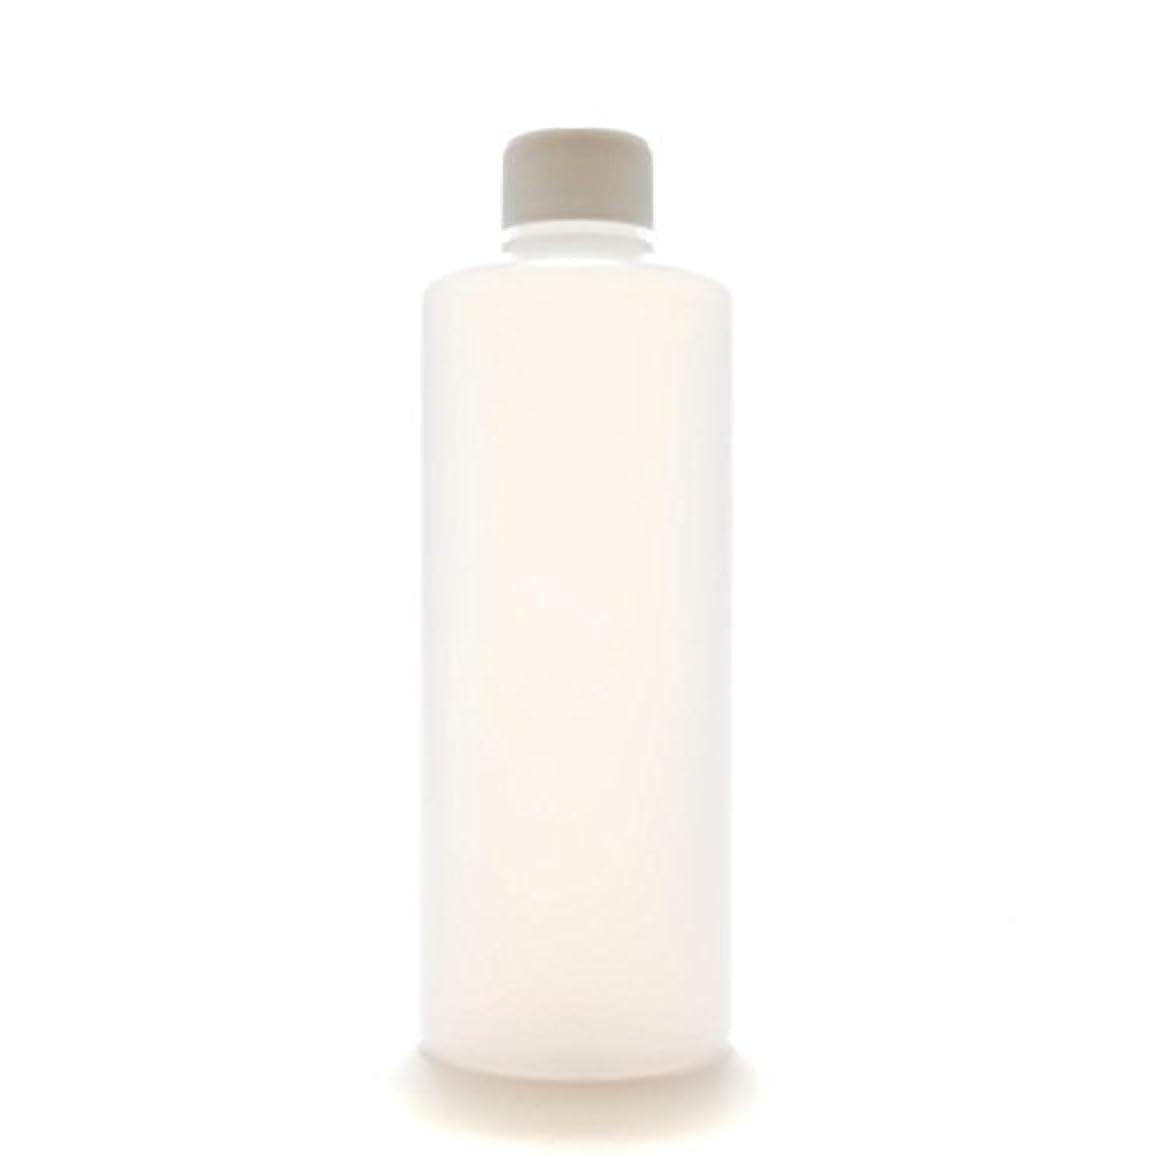 放映ハプニング添加プラスチック容器 300mL PE ストレートボトル 半透明【スクリューキャップ:ホワイト 中栓付き】